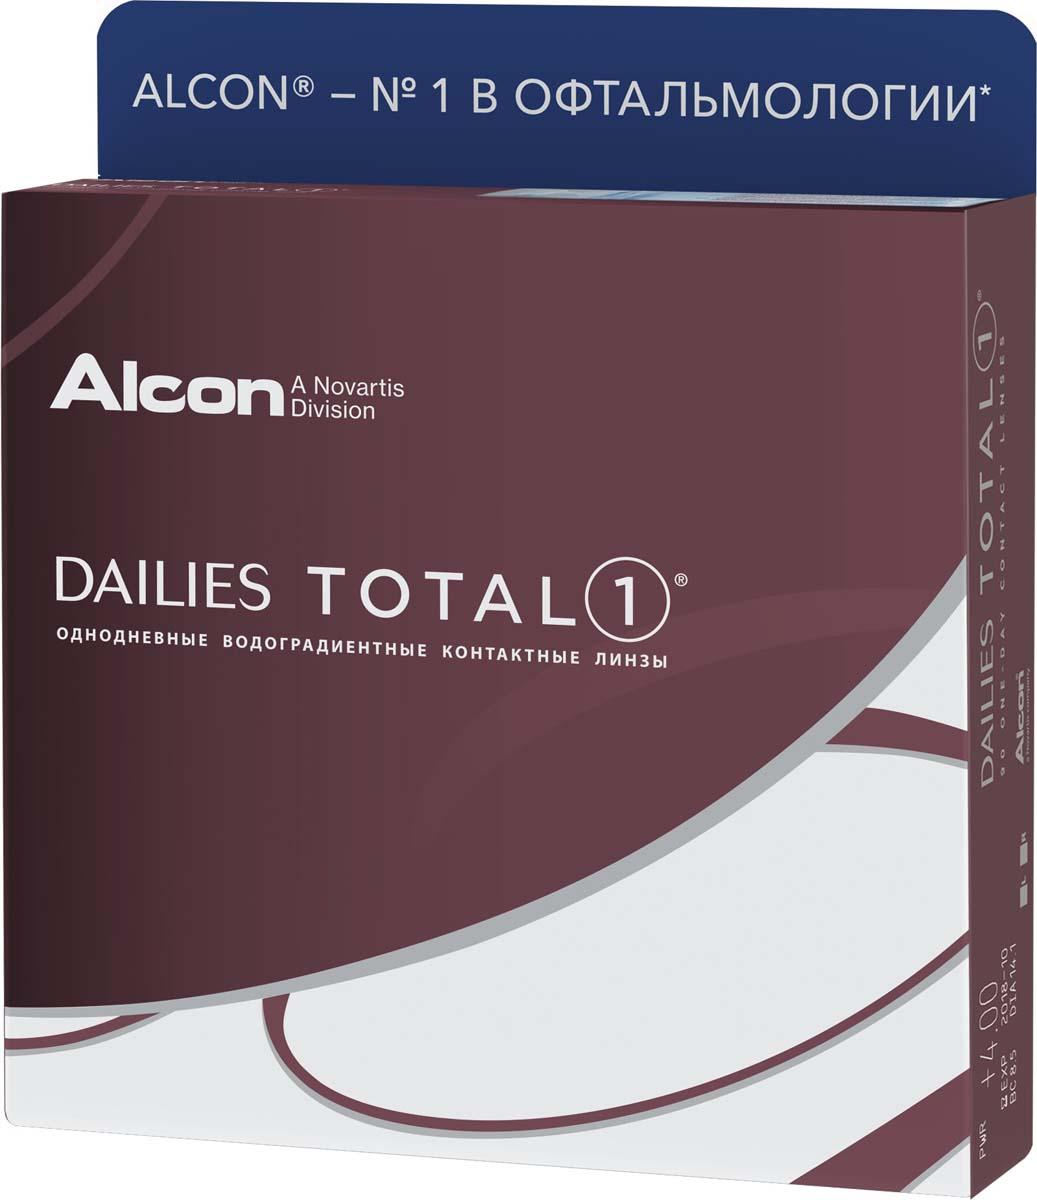 Аlcon Контактные линзы Dailies Total 90 шт /+4.50 /8.5 /14.1